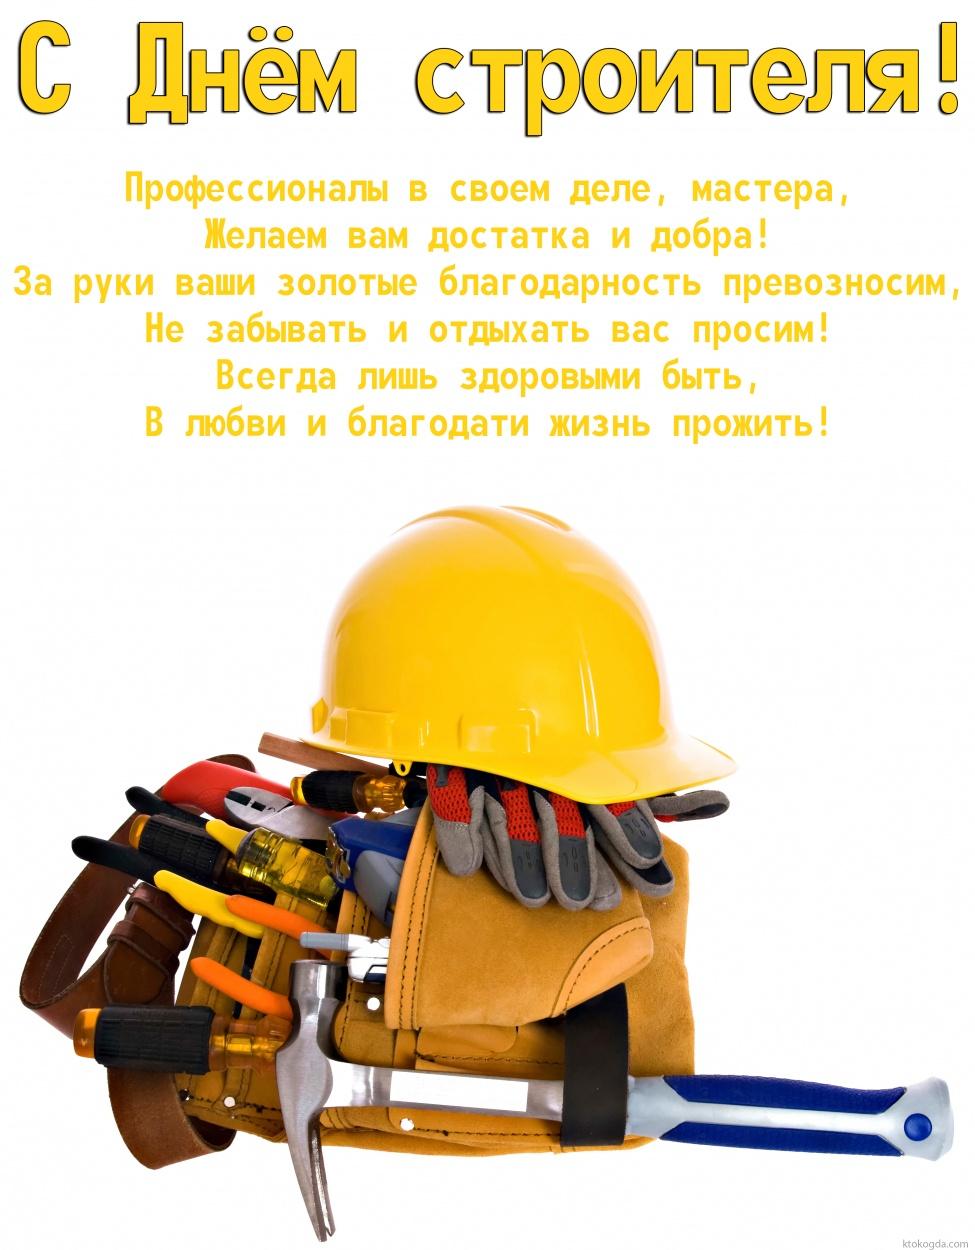 Открытку, поздравления строителям в открытках